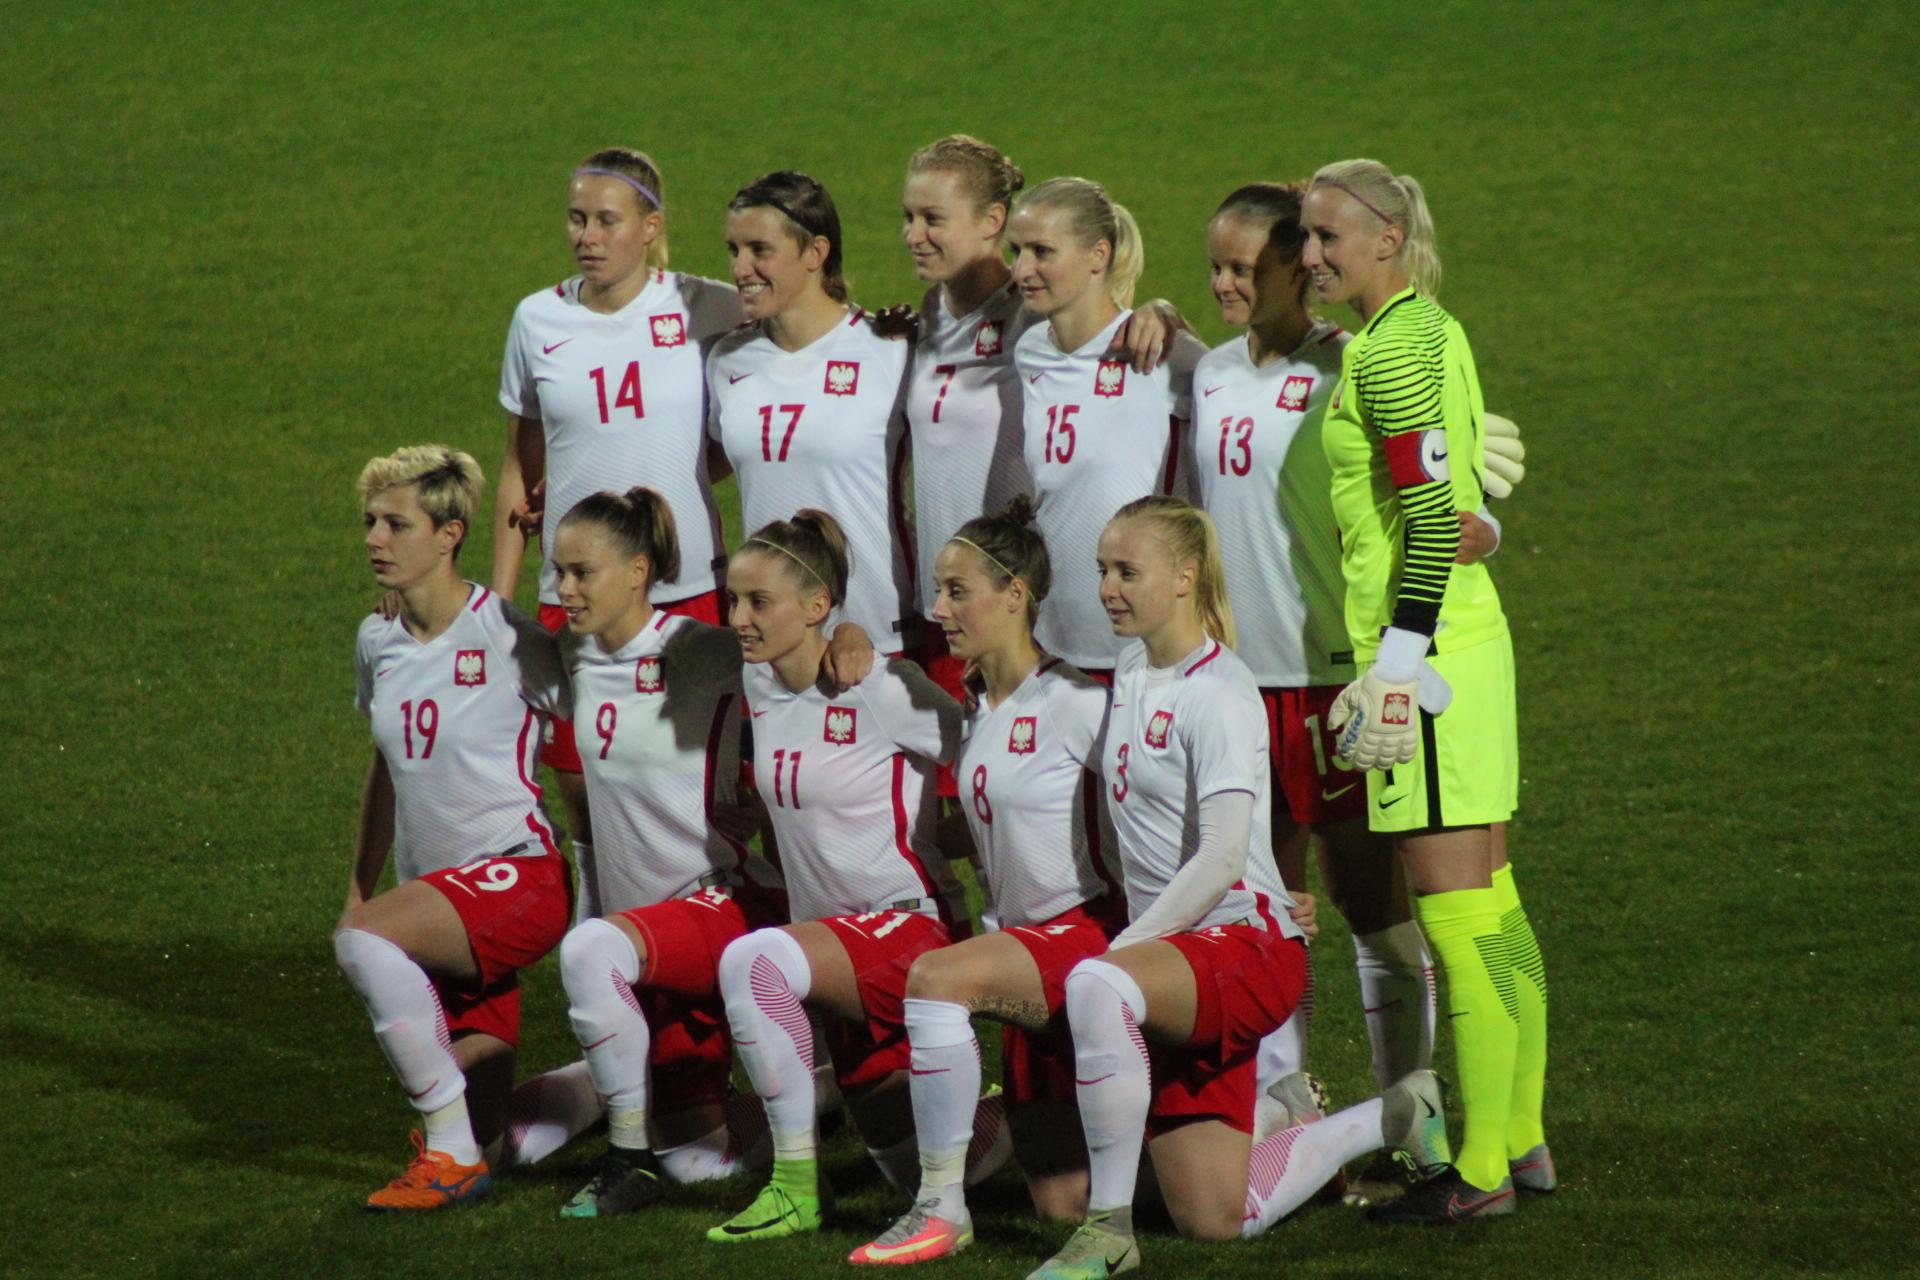 047e79831 Reprezentacja Polski w Piłce Nożnej Kobiet, zakończyła zgrupowanie w ...